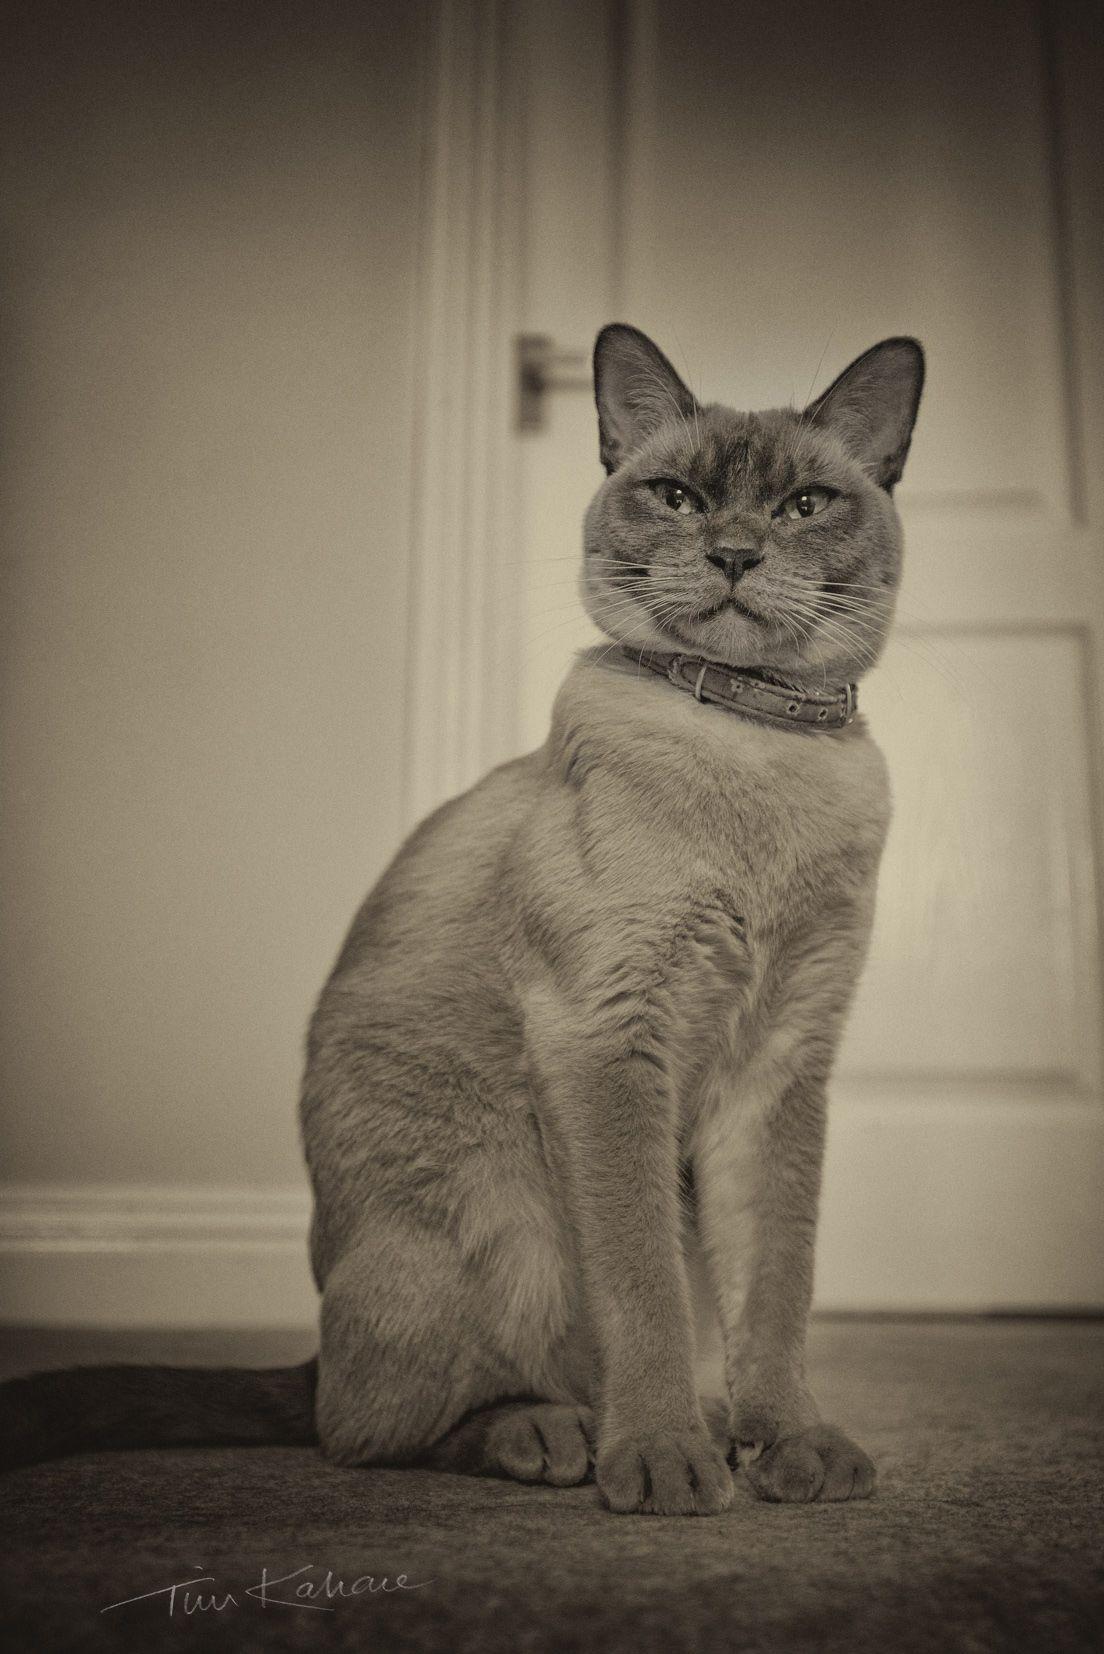 Sassy the Burmese cat Burmese cat, Cats, Animals